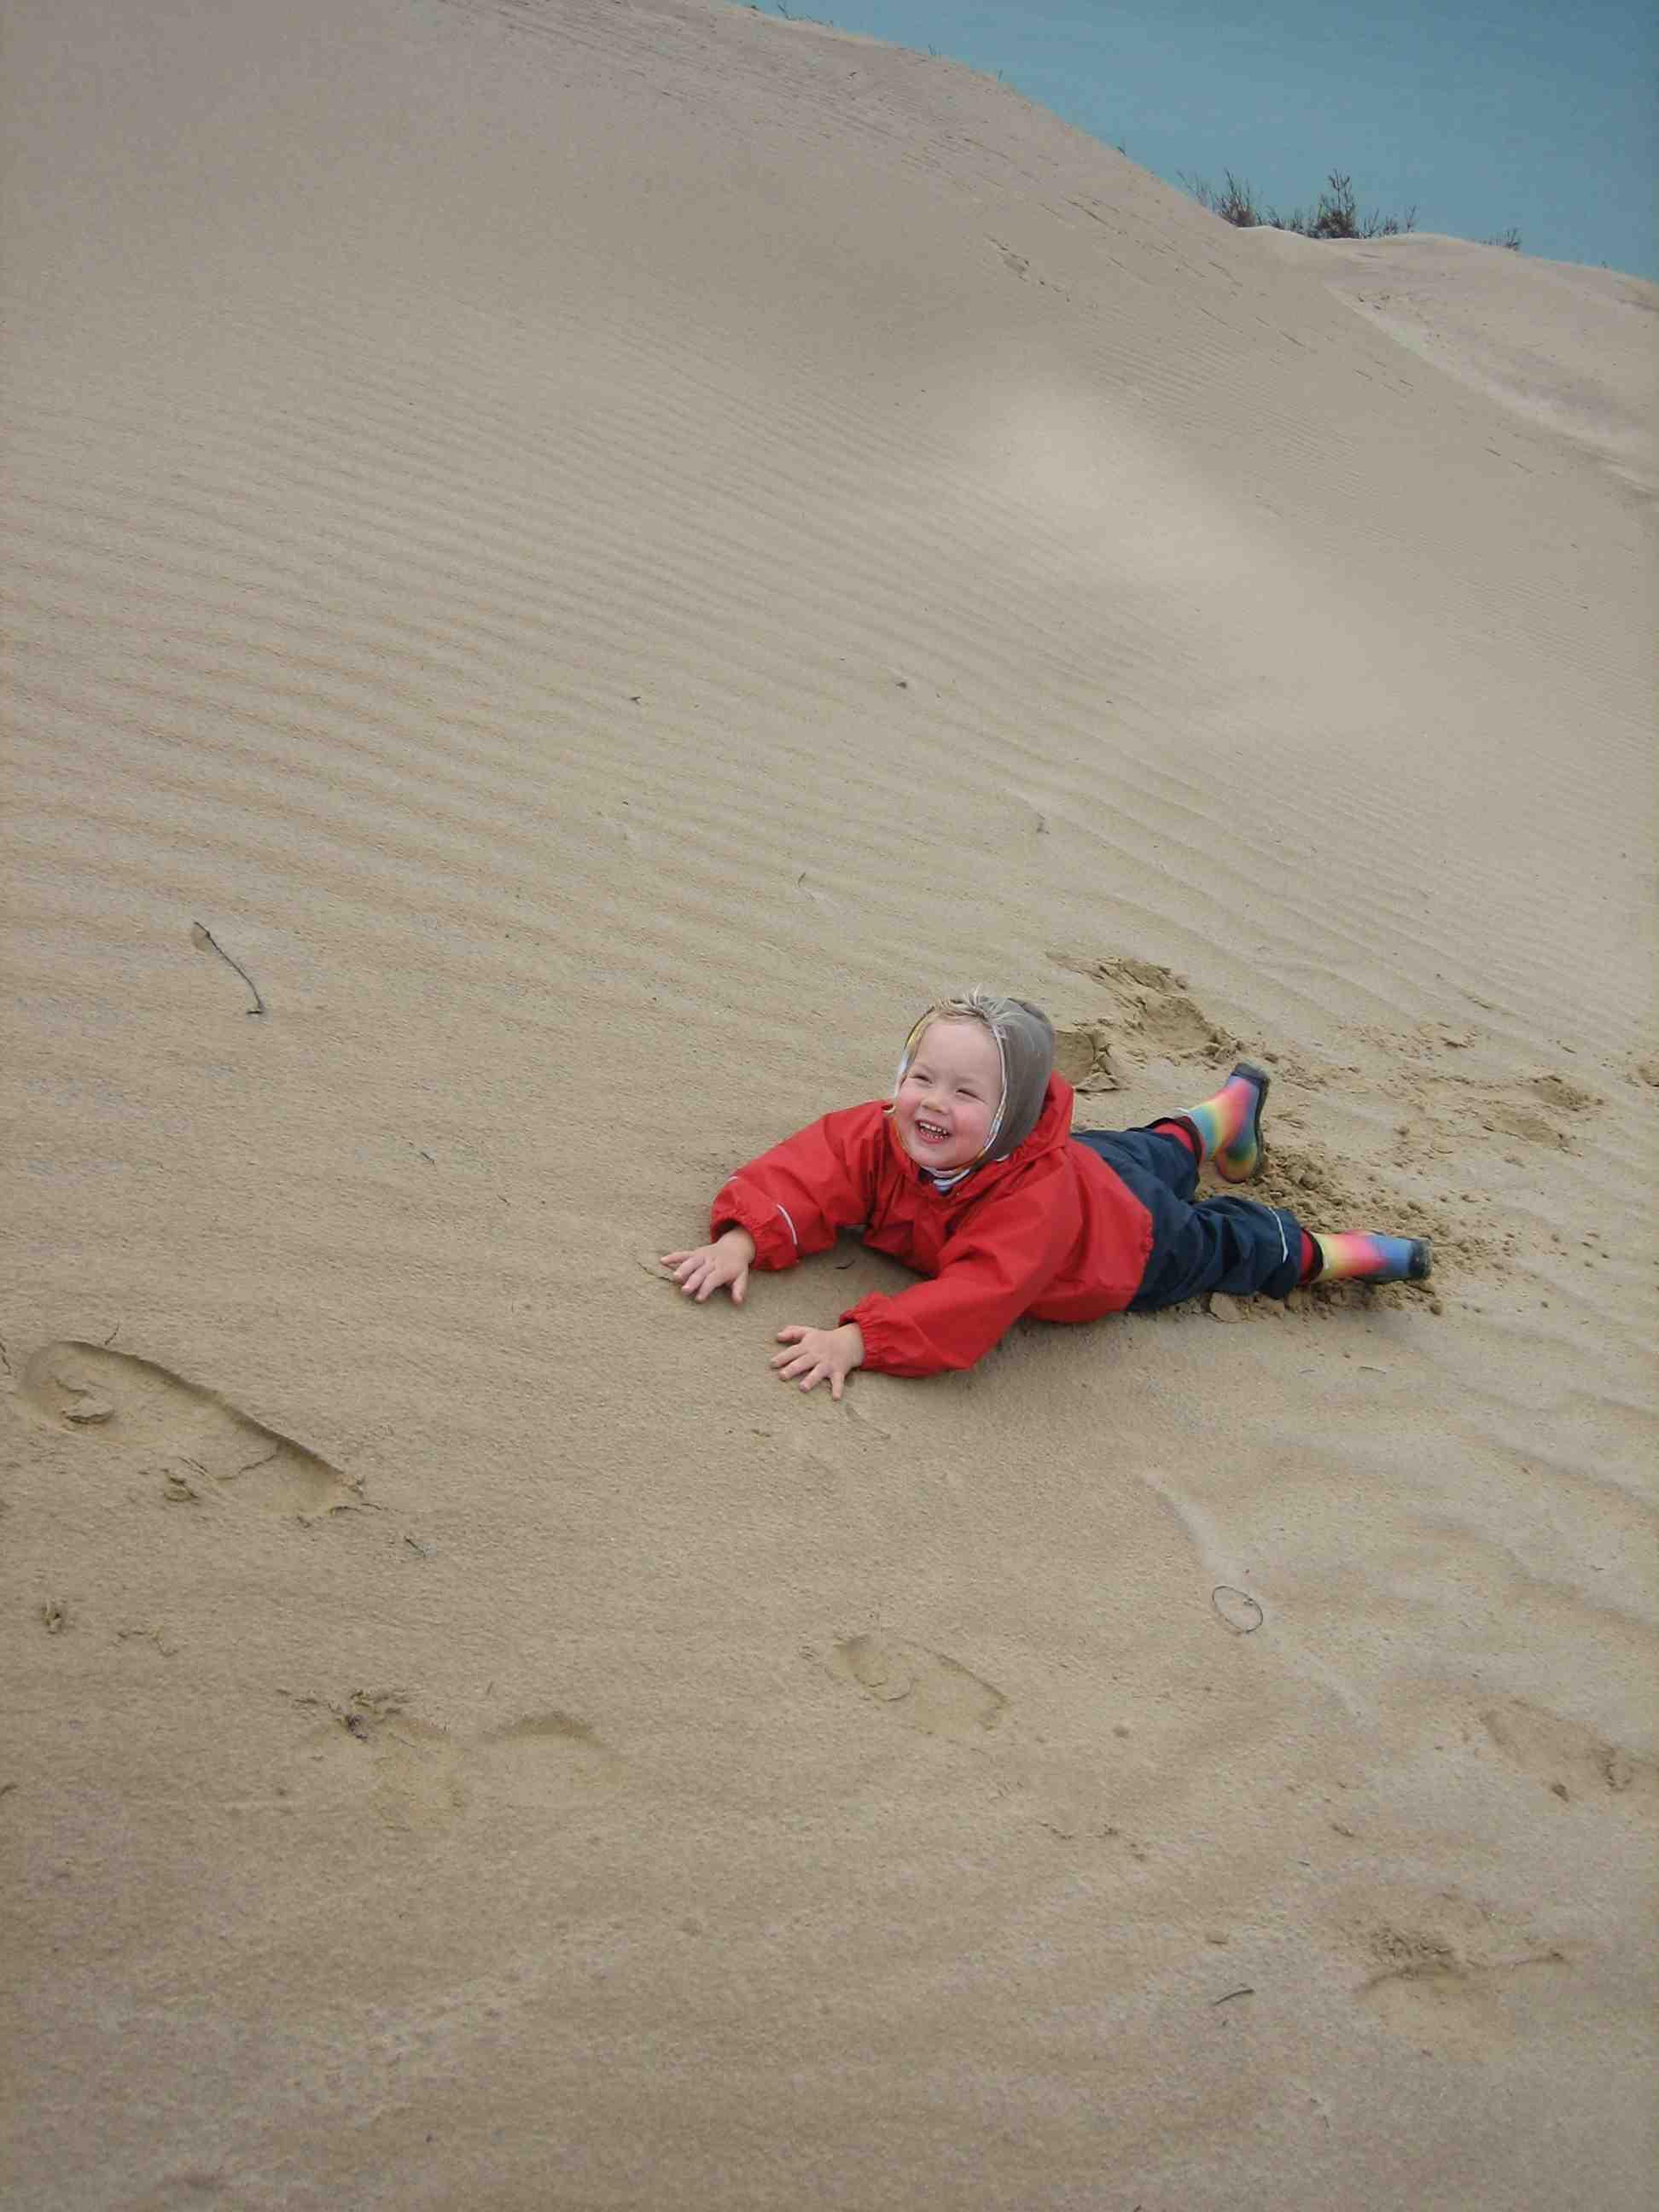 Die Steilküste hat ihren Namen verdient. Foto. (c) Kinderoutdoor.de